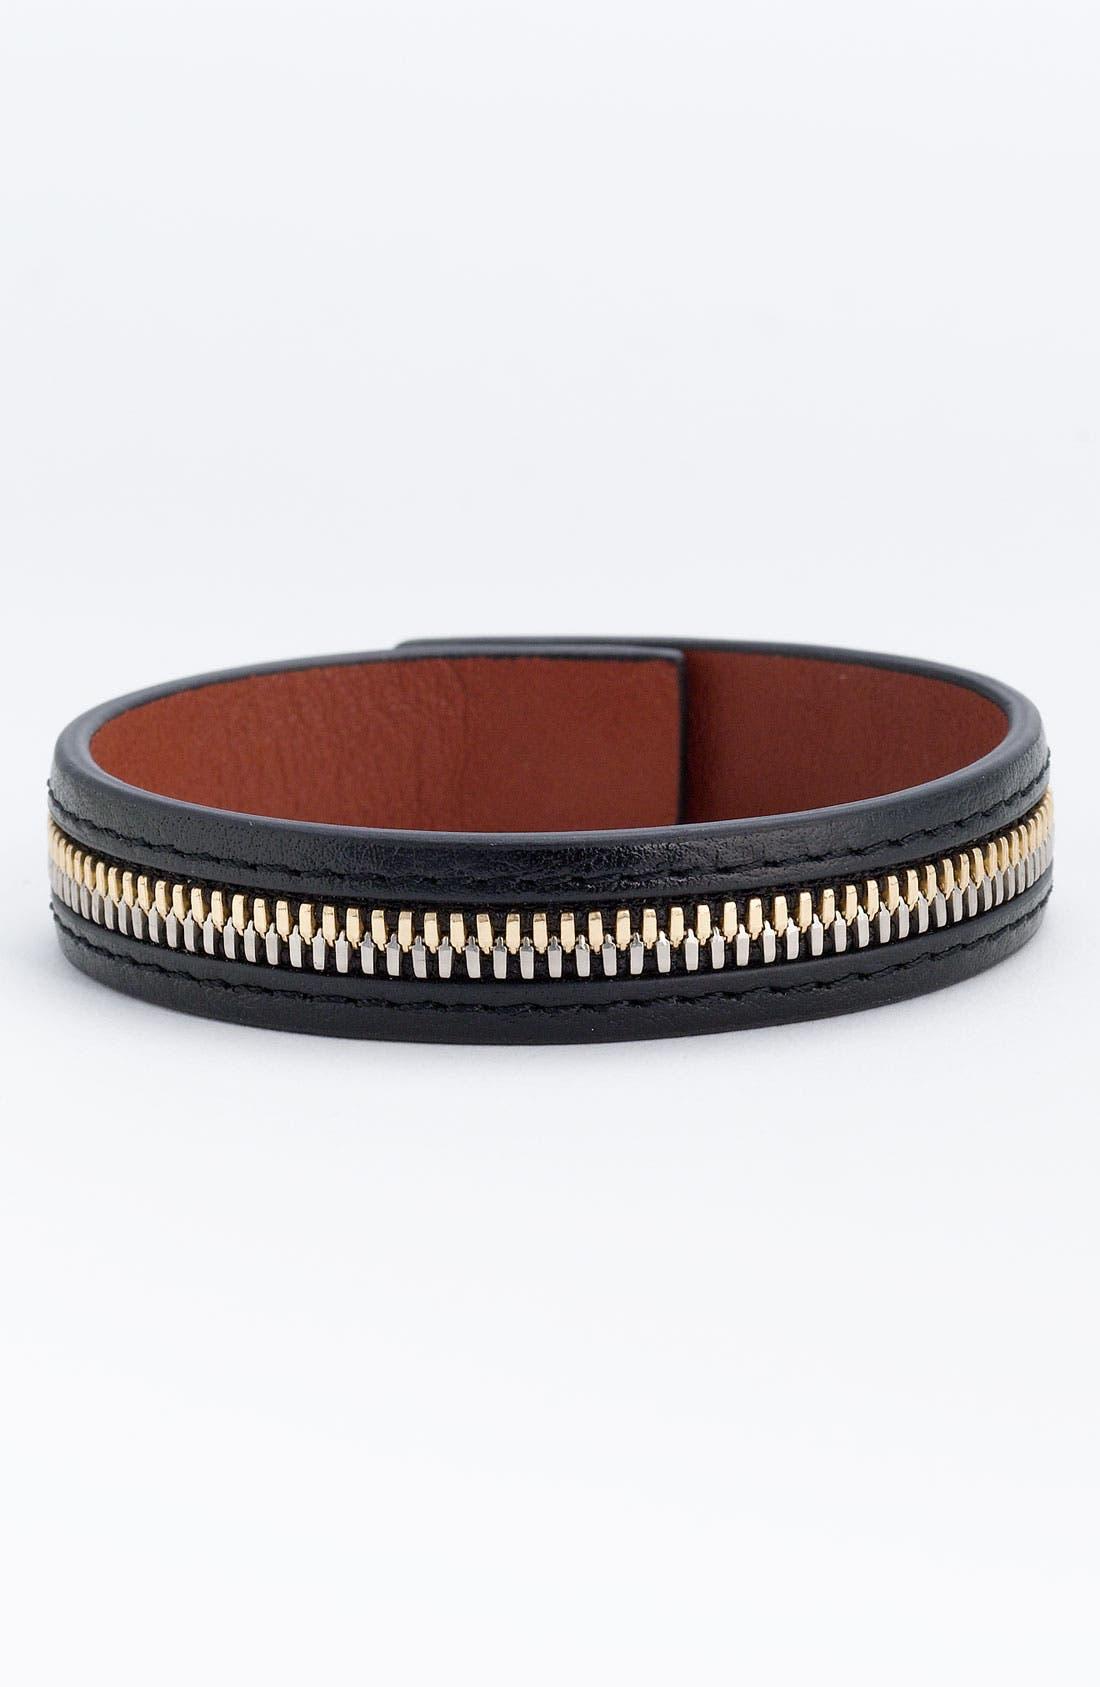 Alternate Image 1 Selected - WANT Les Essentiels de la Vie 'Tambo' Zip Leather Bracelet